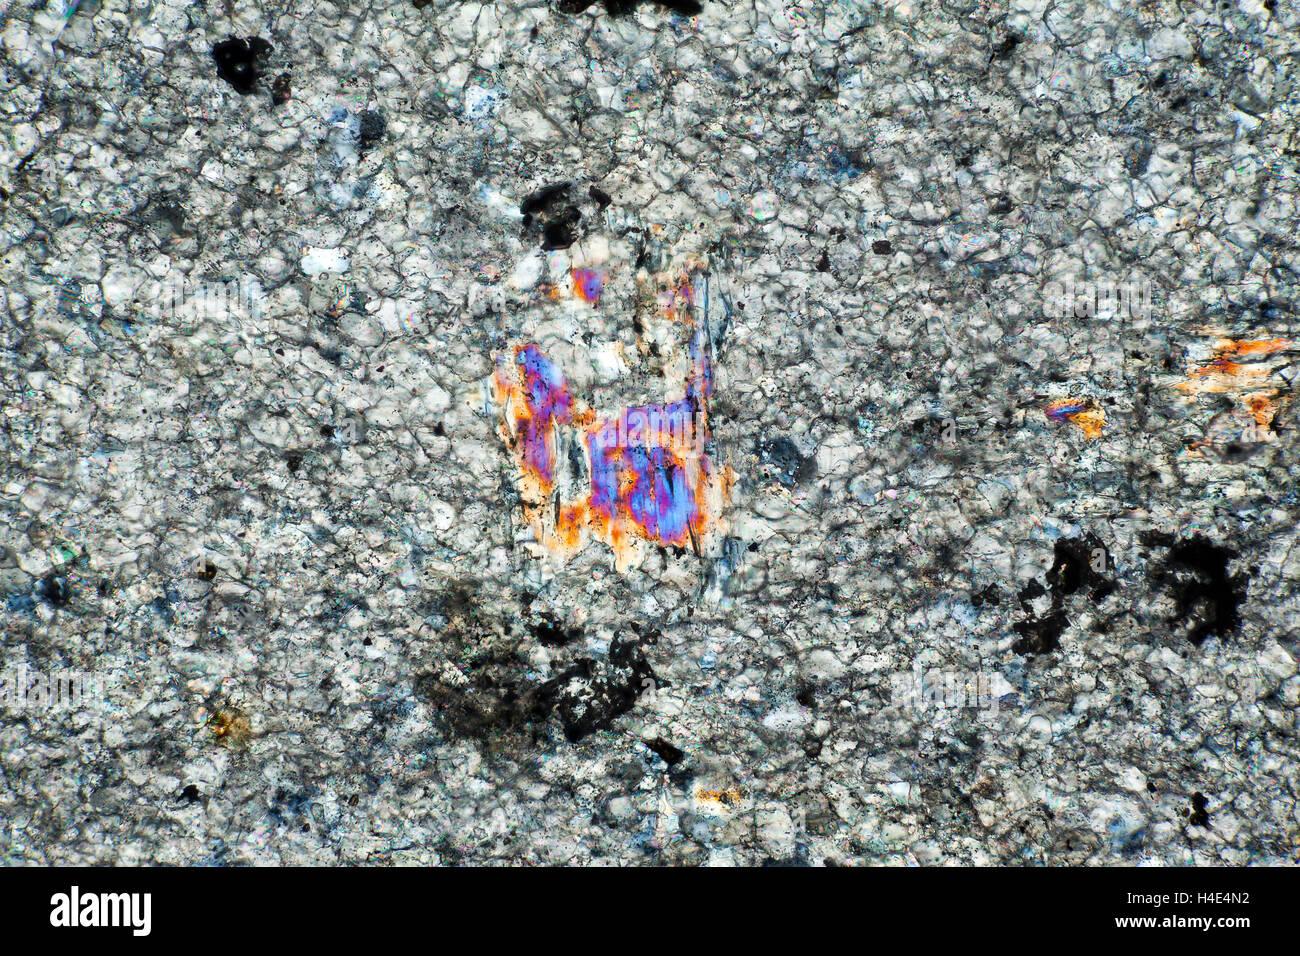 Quartz-mica-schiste, le Loch Linnhe, galet, Ecosse, Royaume-Uni. Microphotographie en lumière polarisée. Banque D'Images